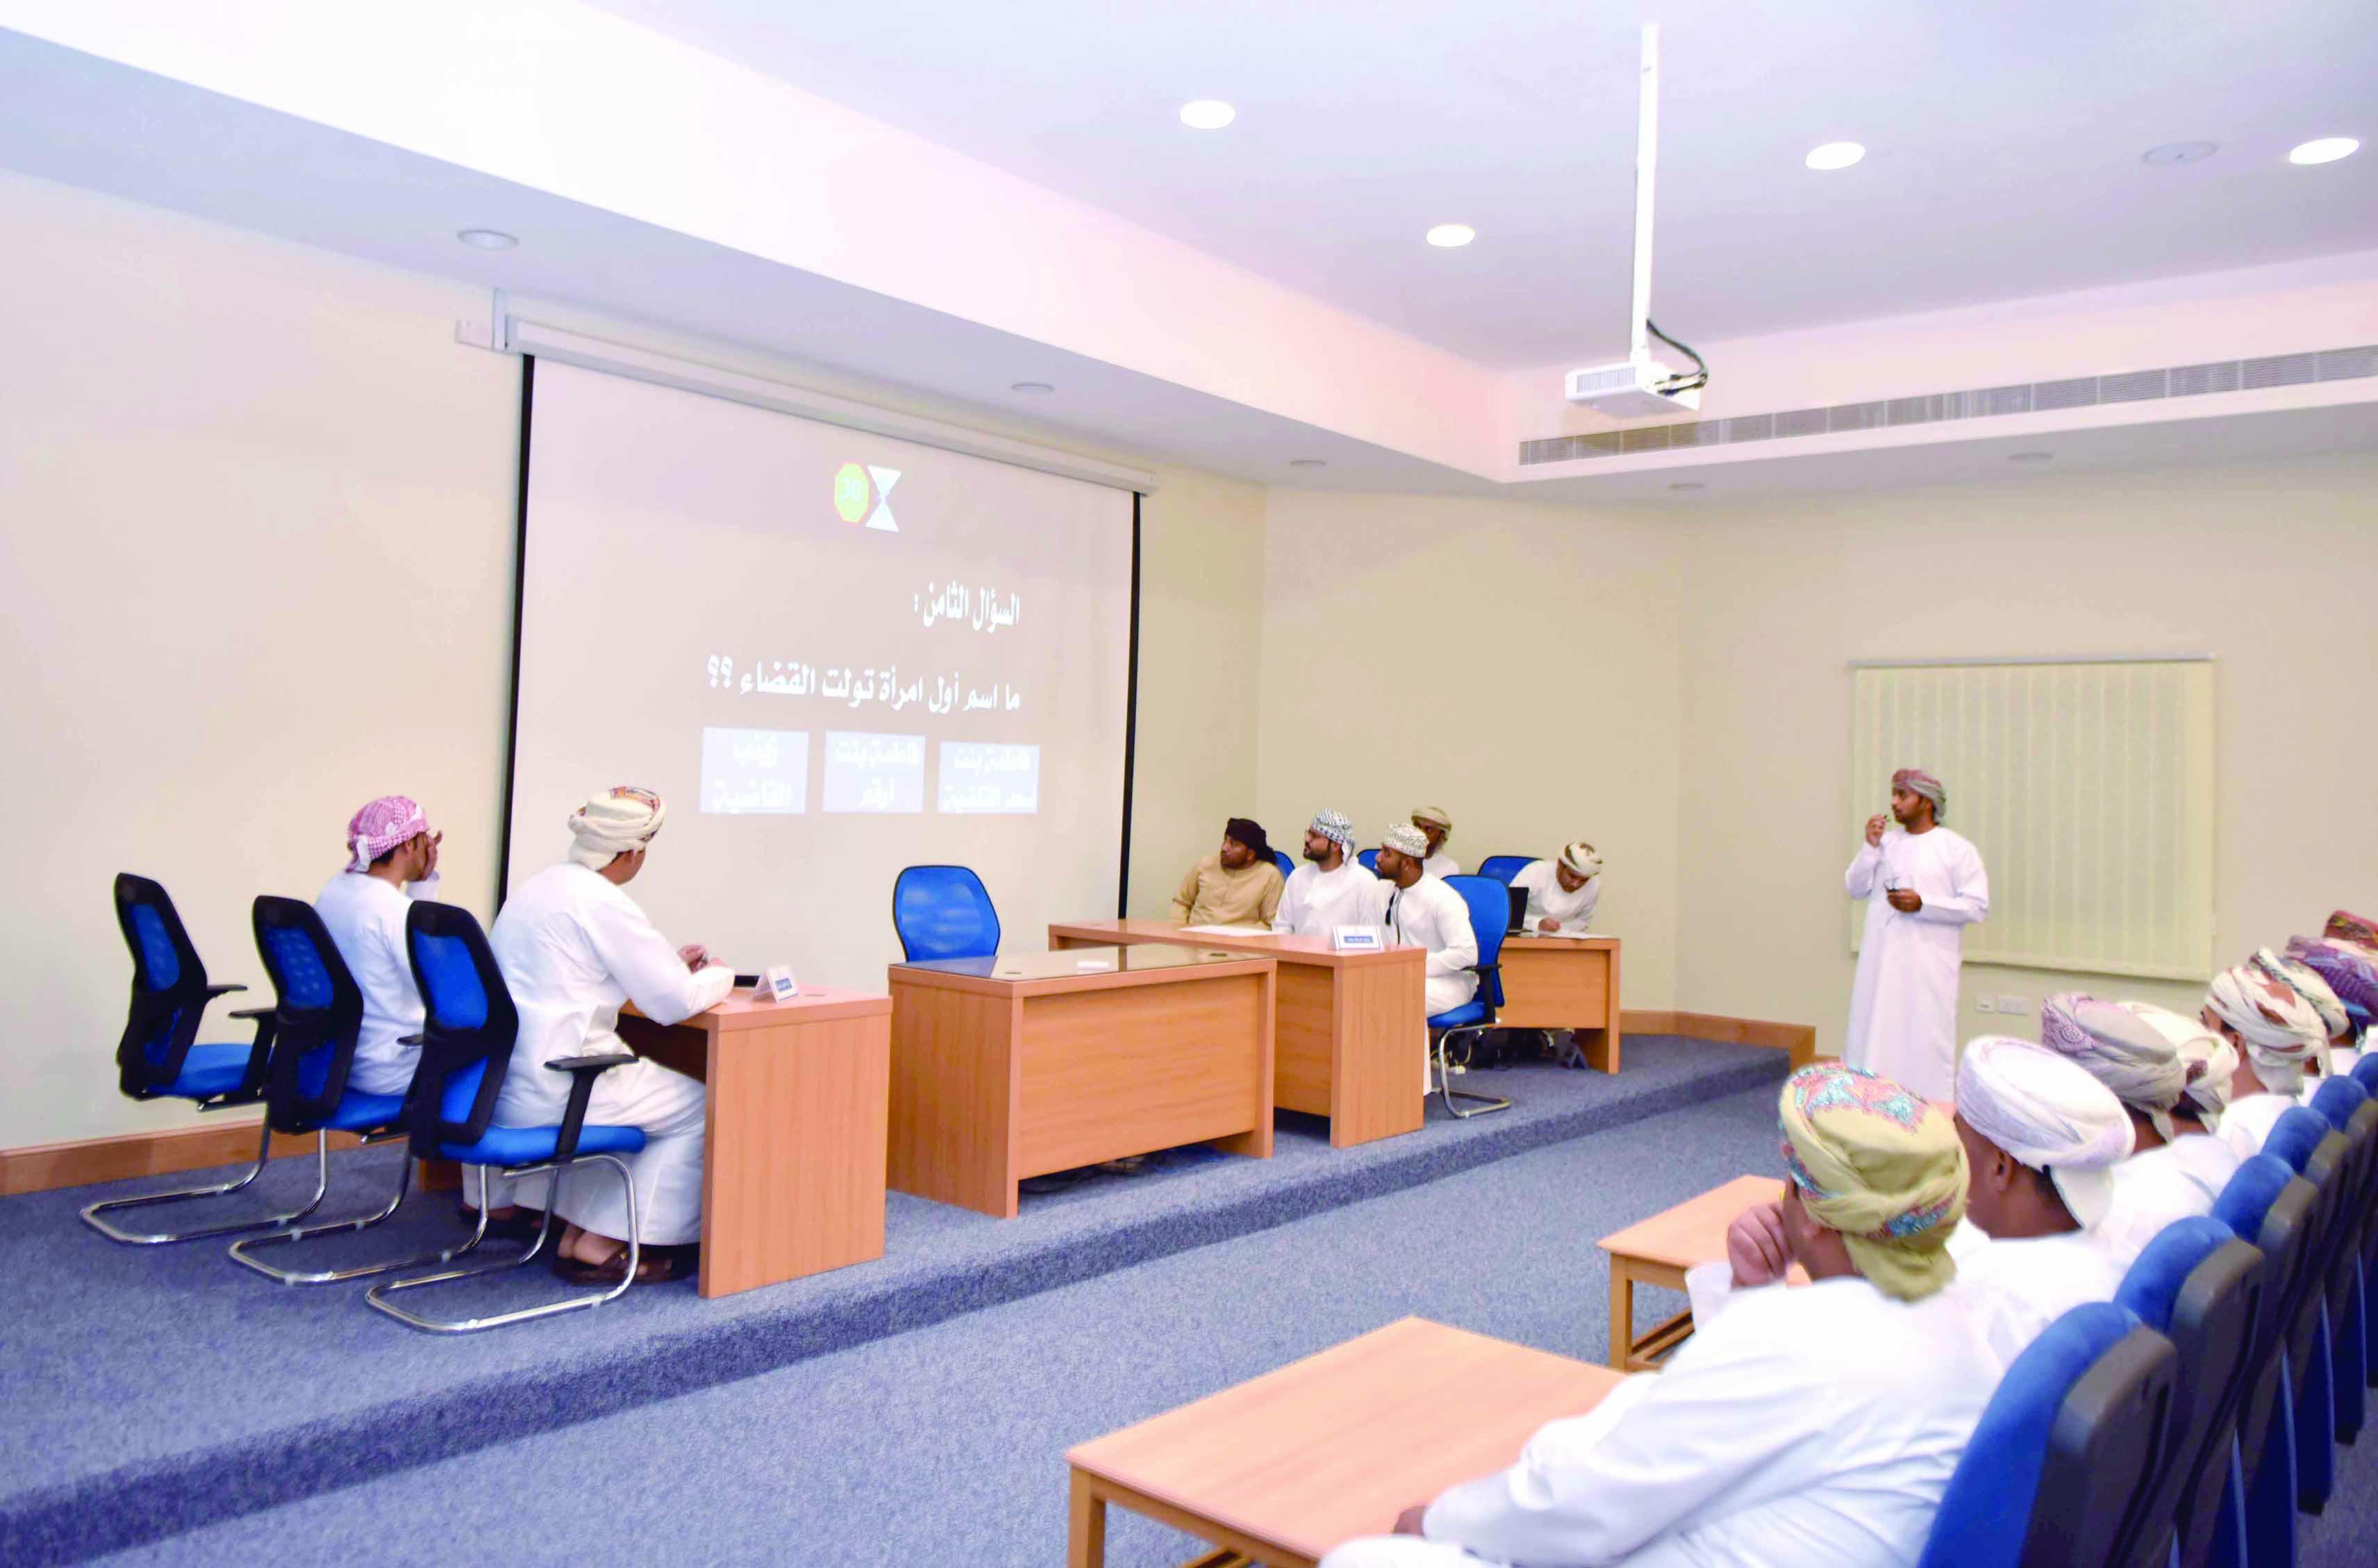 انطلاق المسابقة الثقافية الرمضانية بقيادة شرطة محافظة مسندم